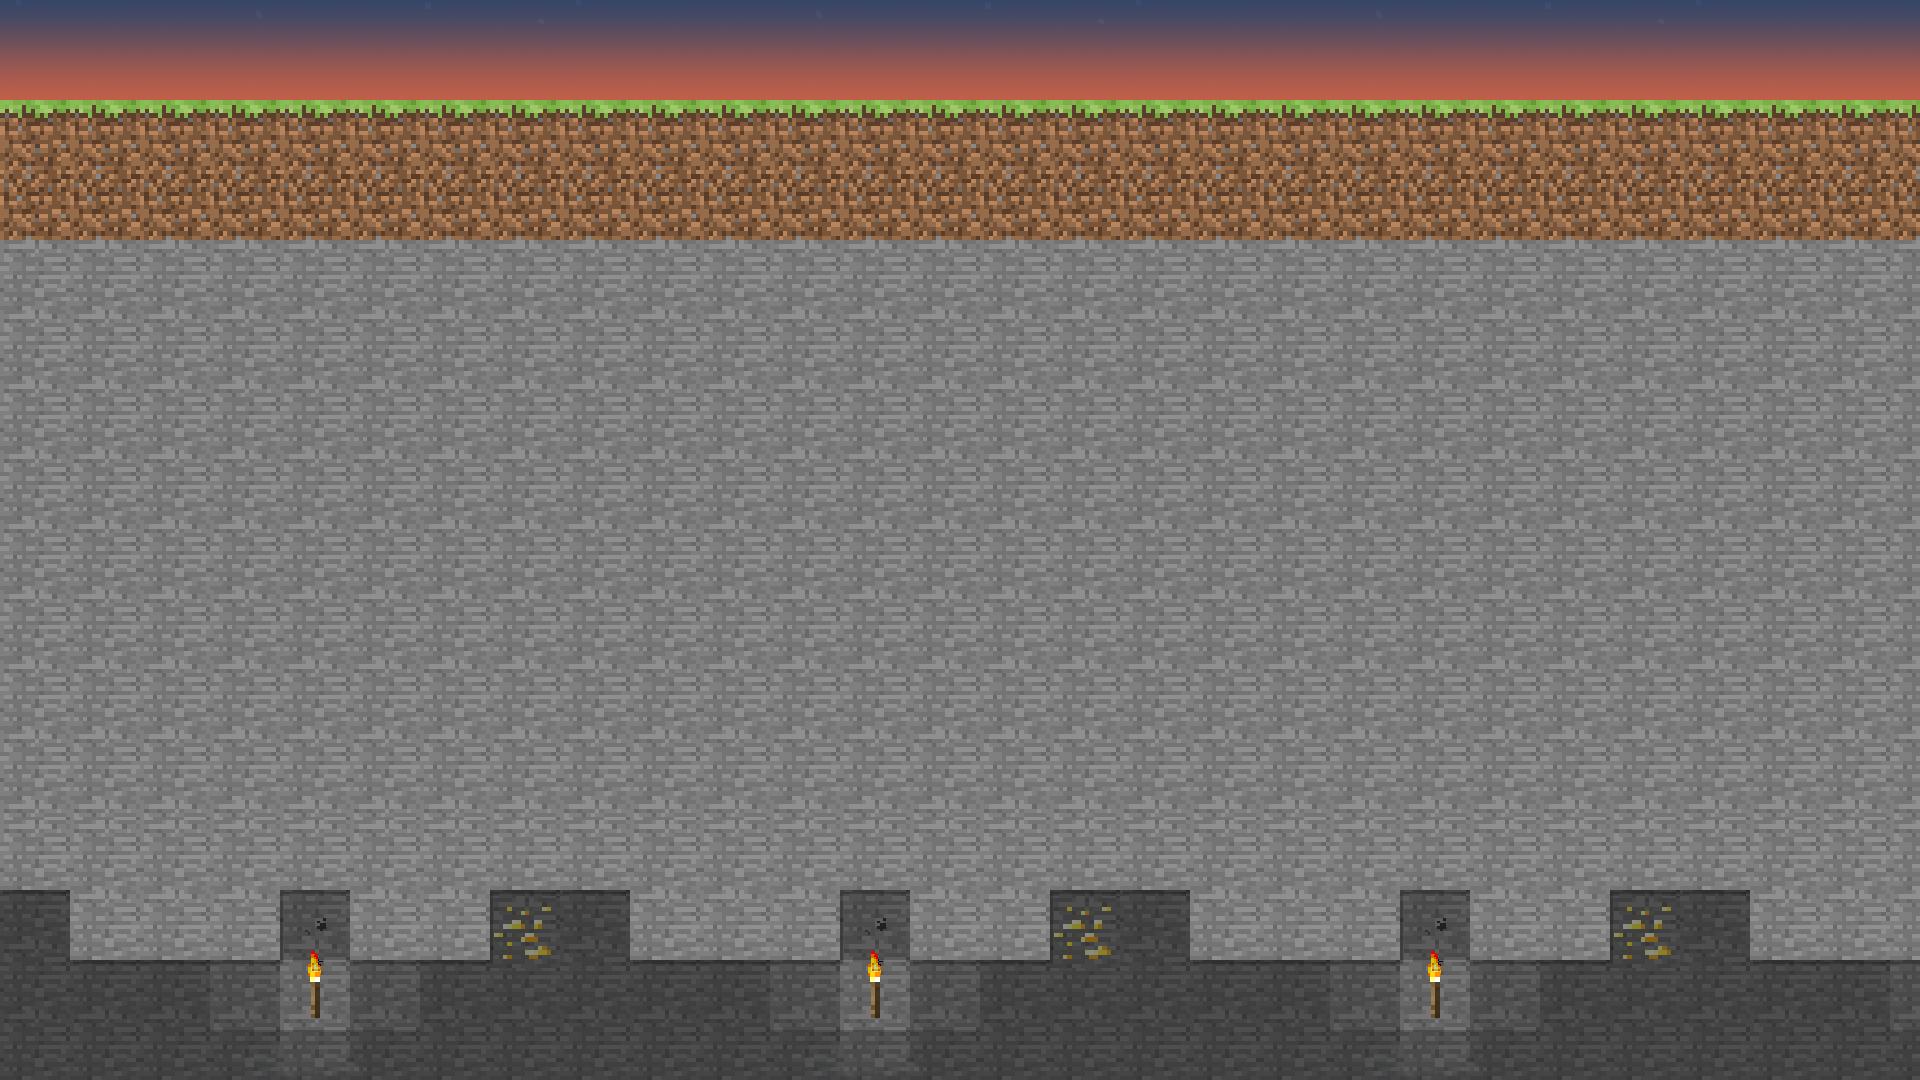 Stone Minecraft 44019 ZWALLPIX 1920x1080